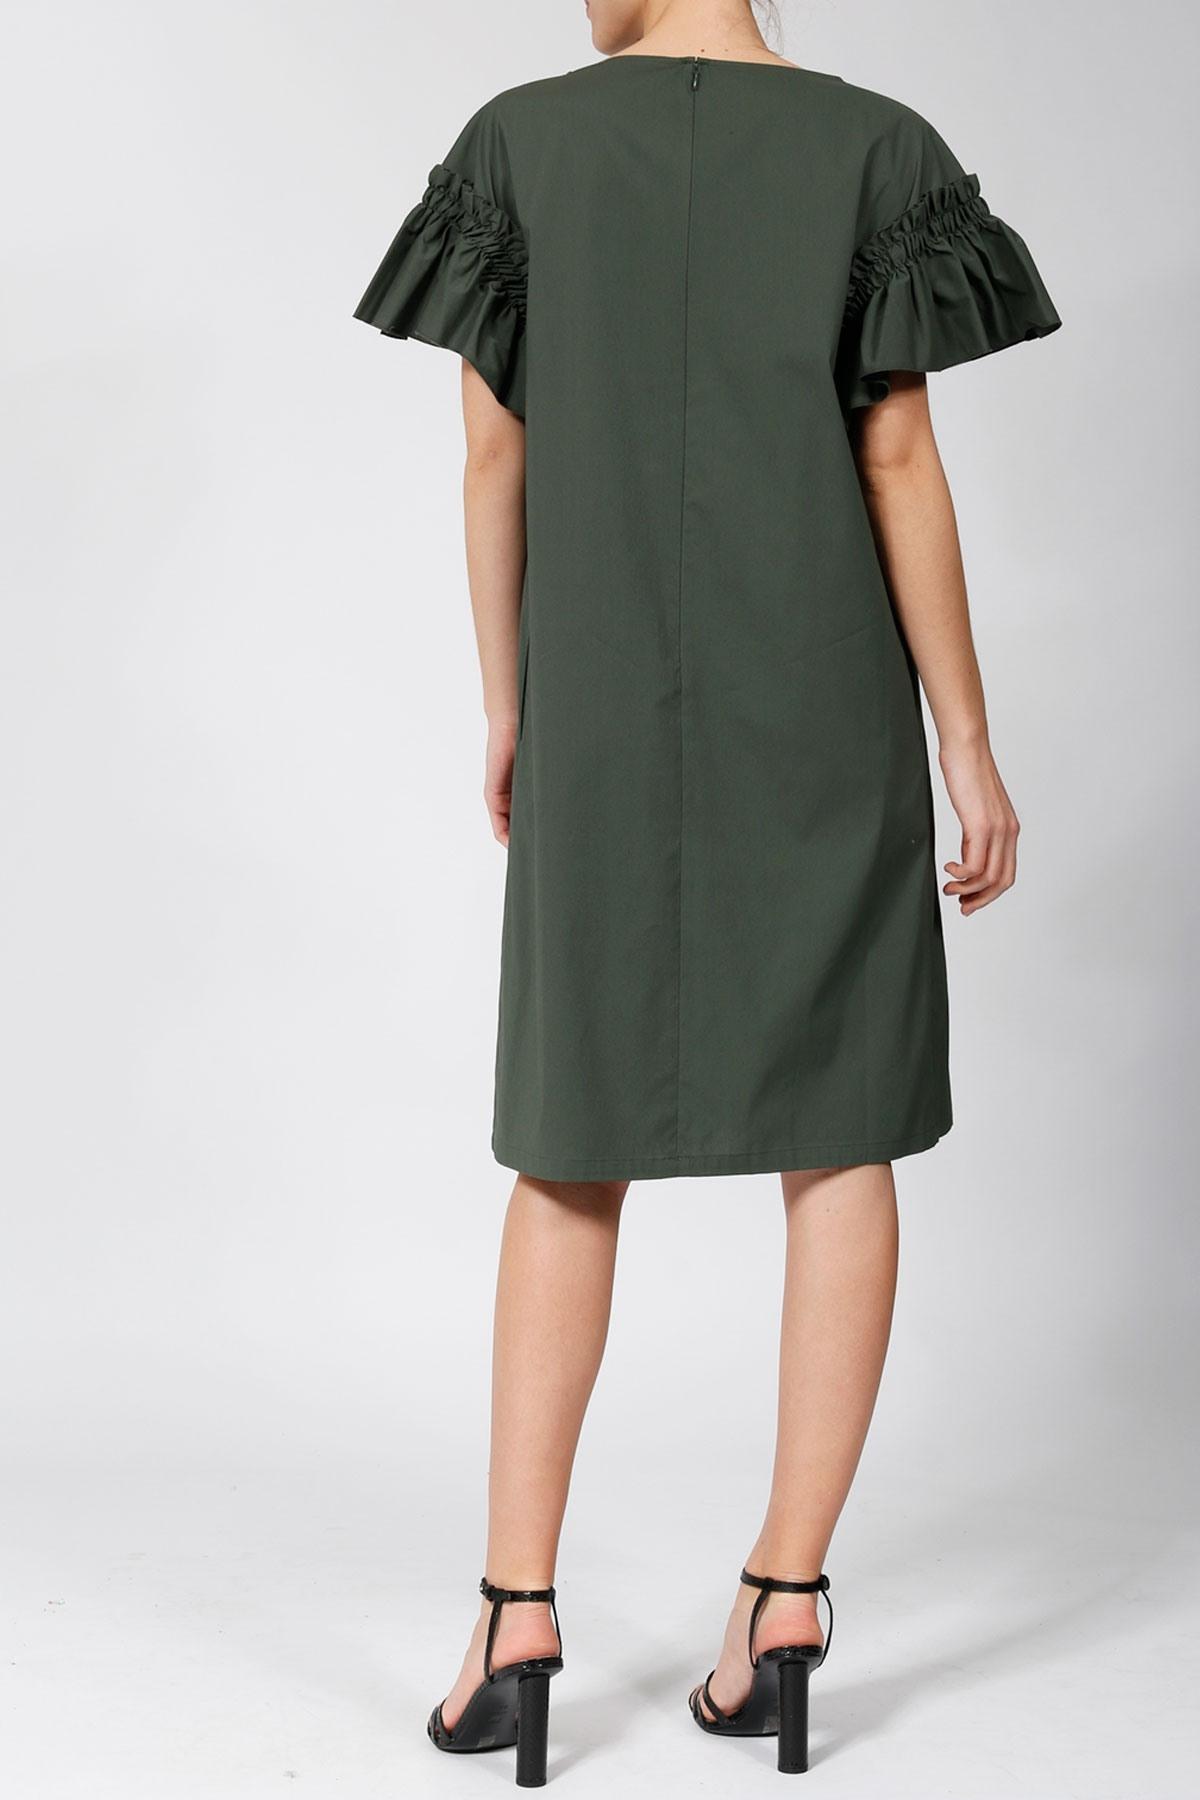 10 Top Kleid Olivgrün für 201913 Leicht Kleid Olivgrün Spezialgebiet